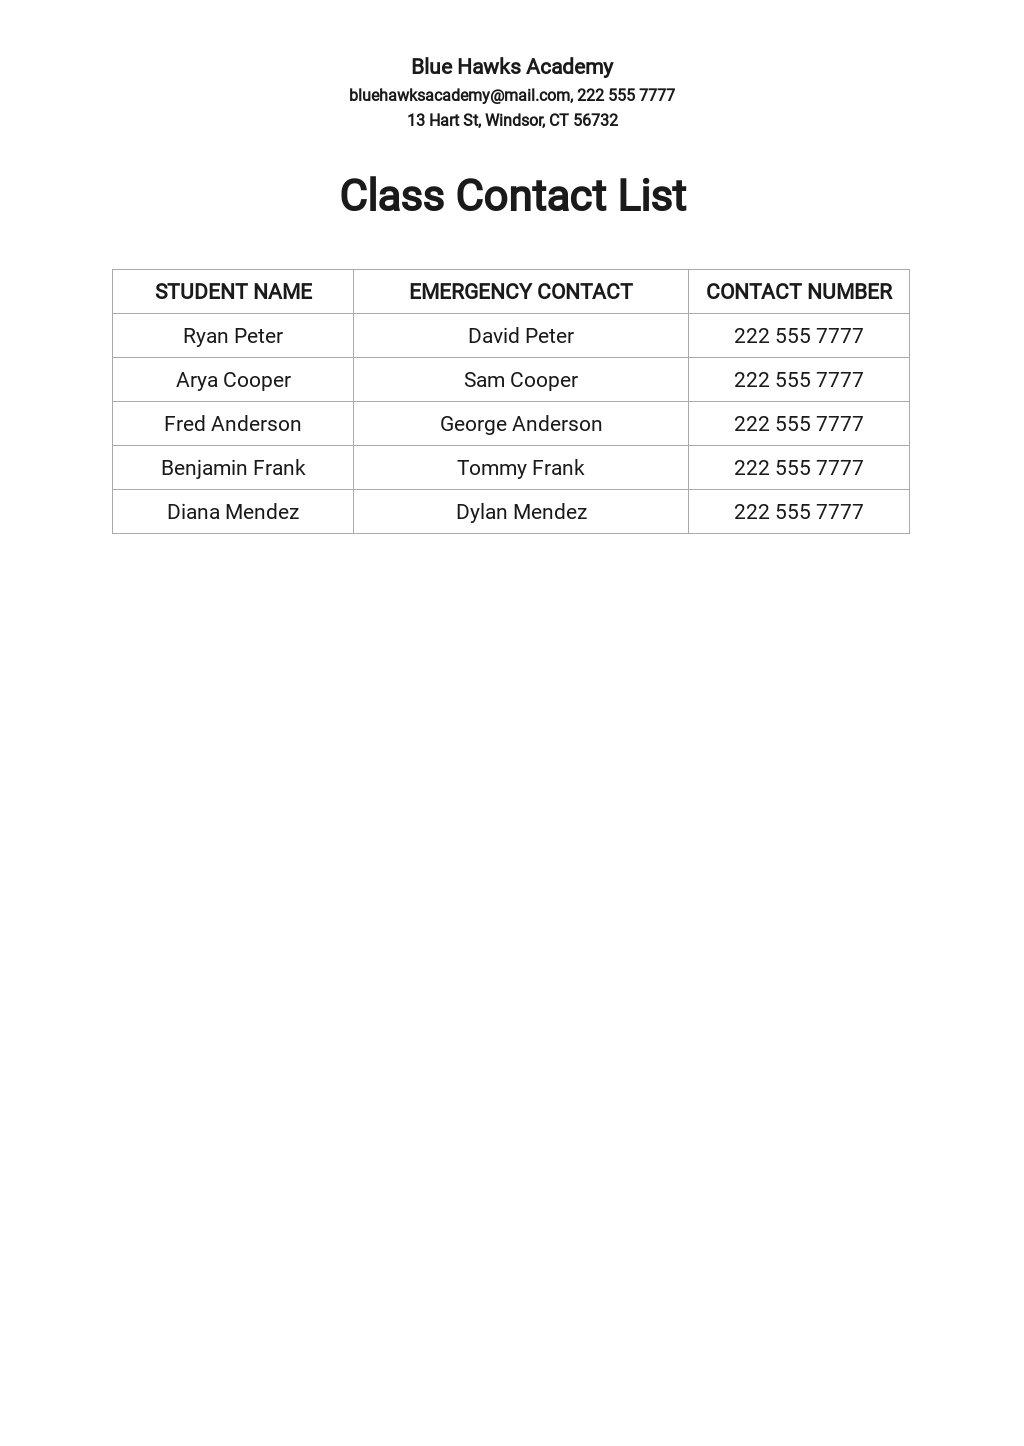 Class Contact List Template.jpe